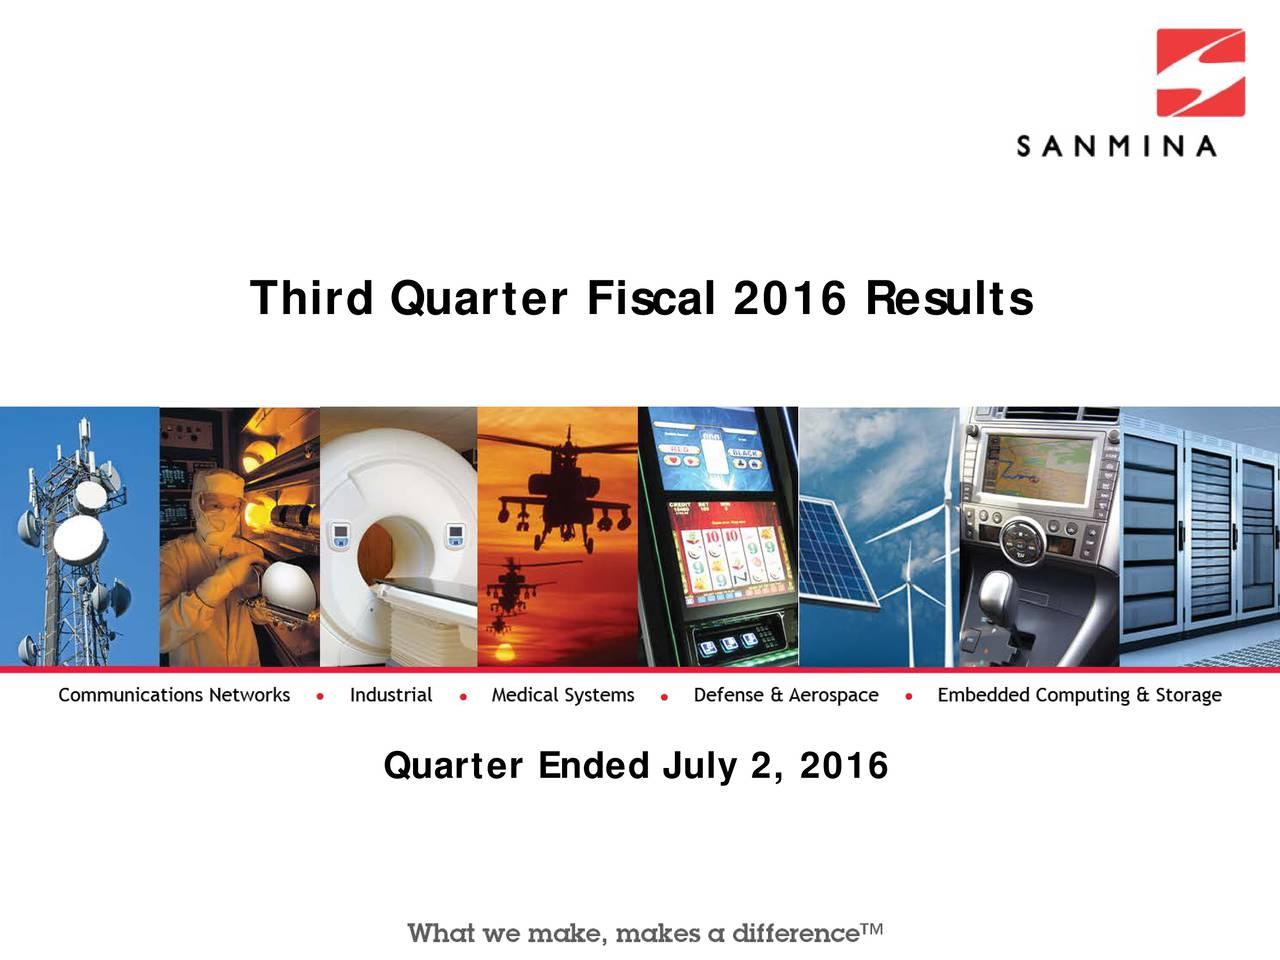 Quarter Ended July 2, 2016